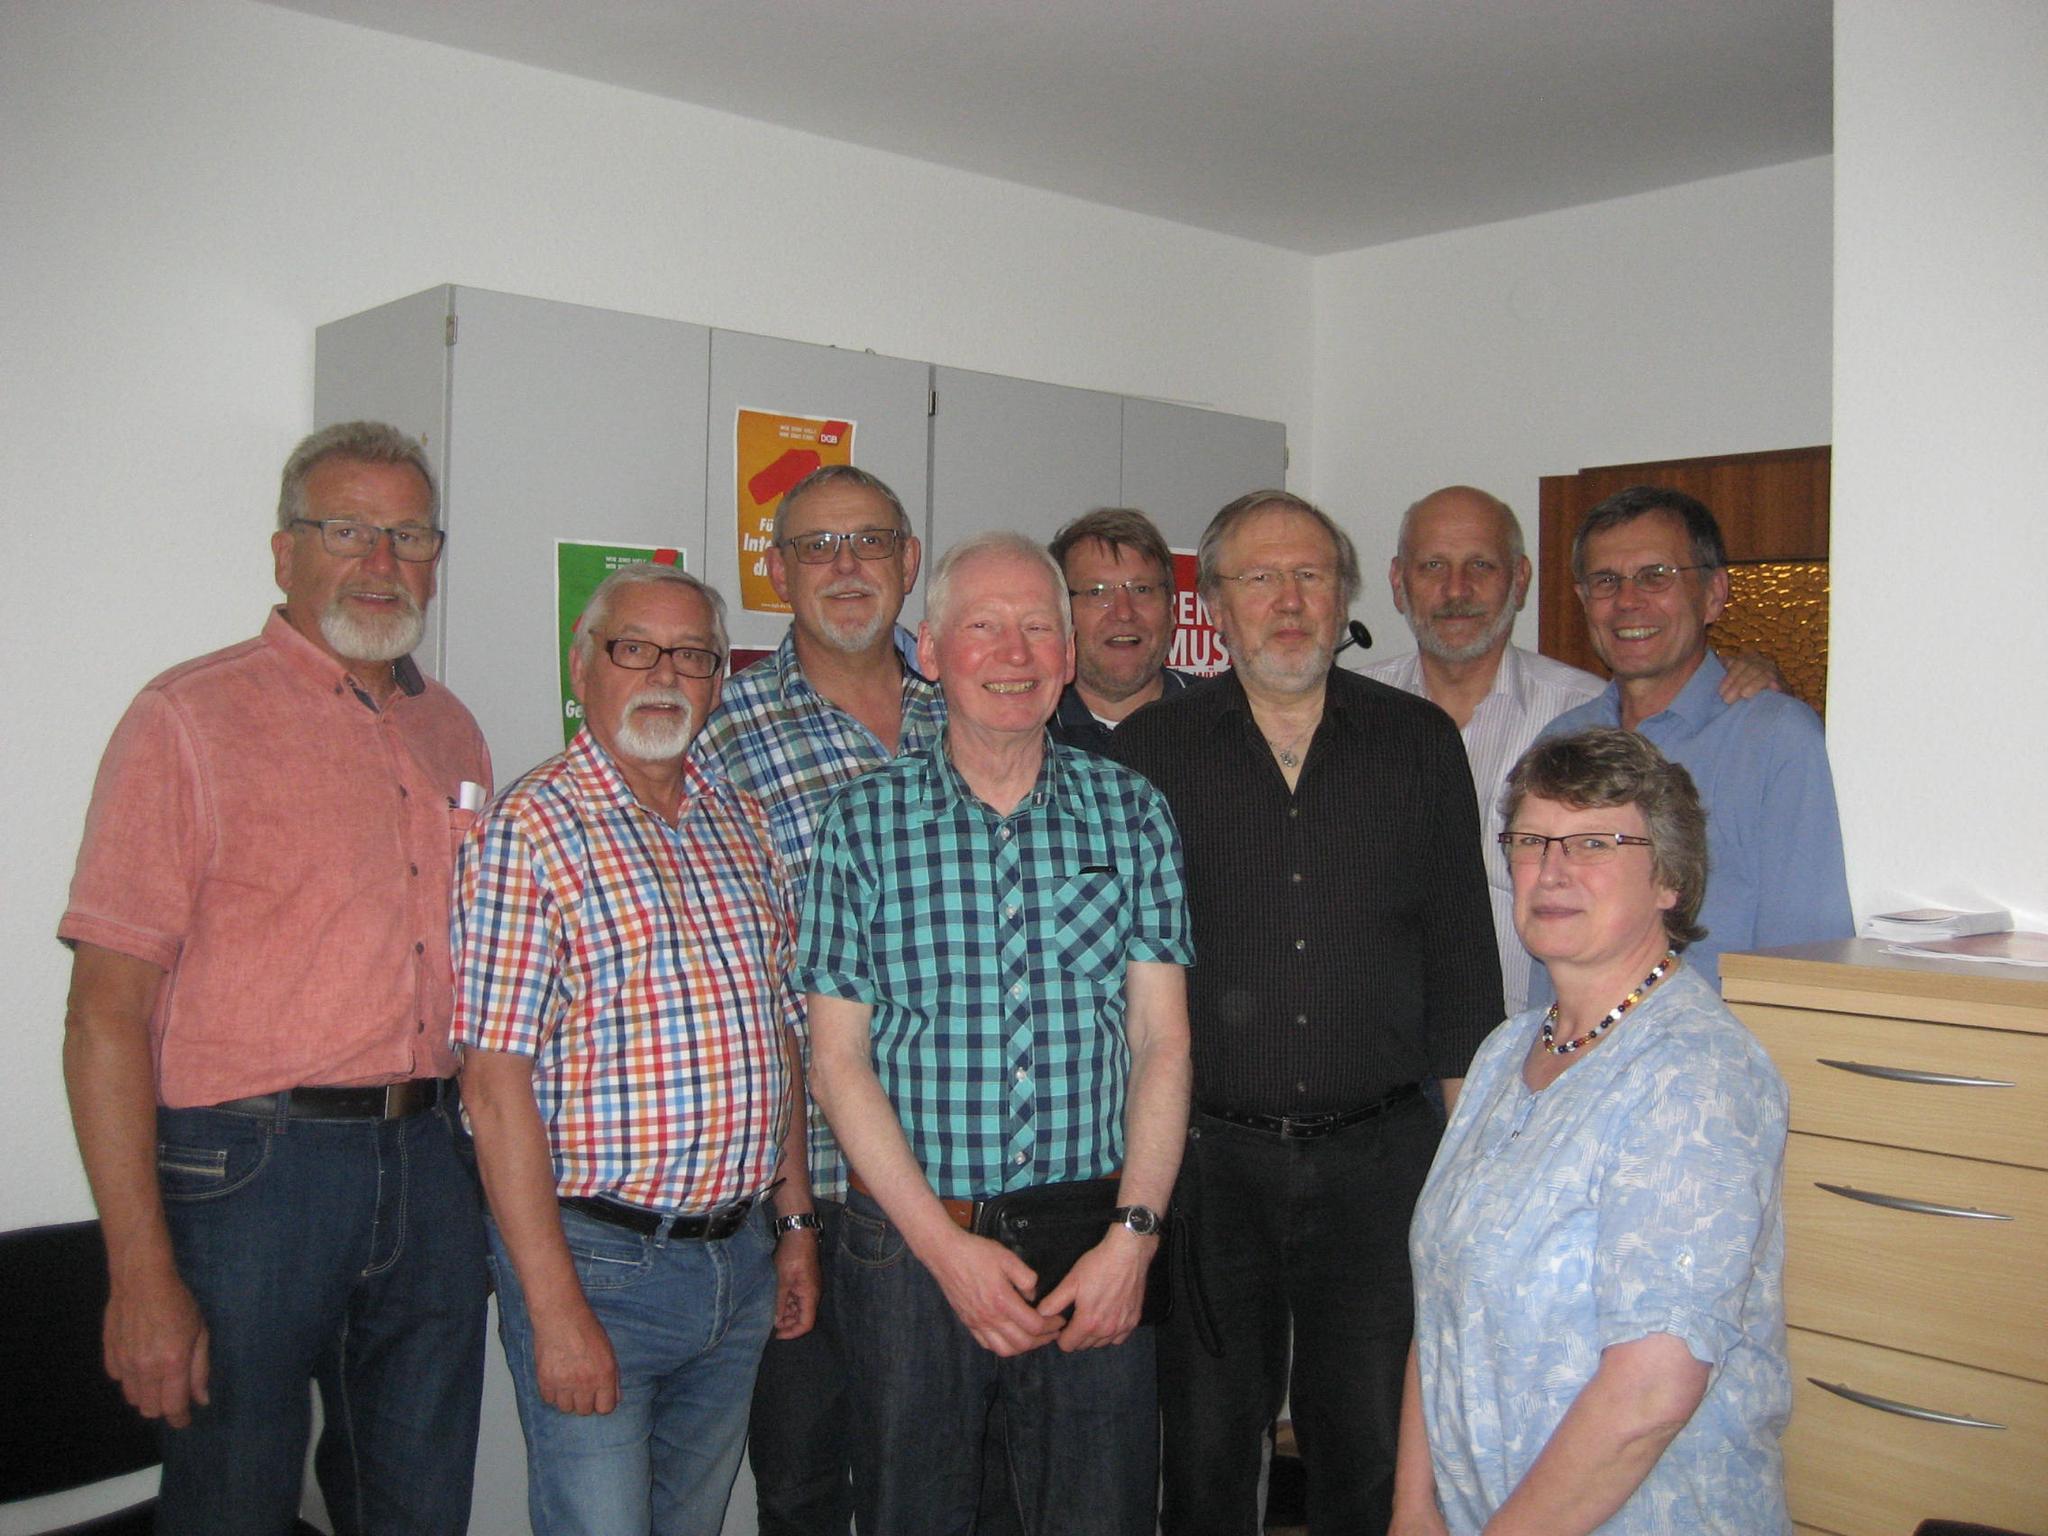 Gewerkschafter und Verbündete feiern 20 Jahre Servicebüro